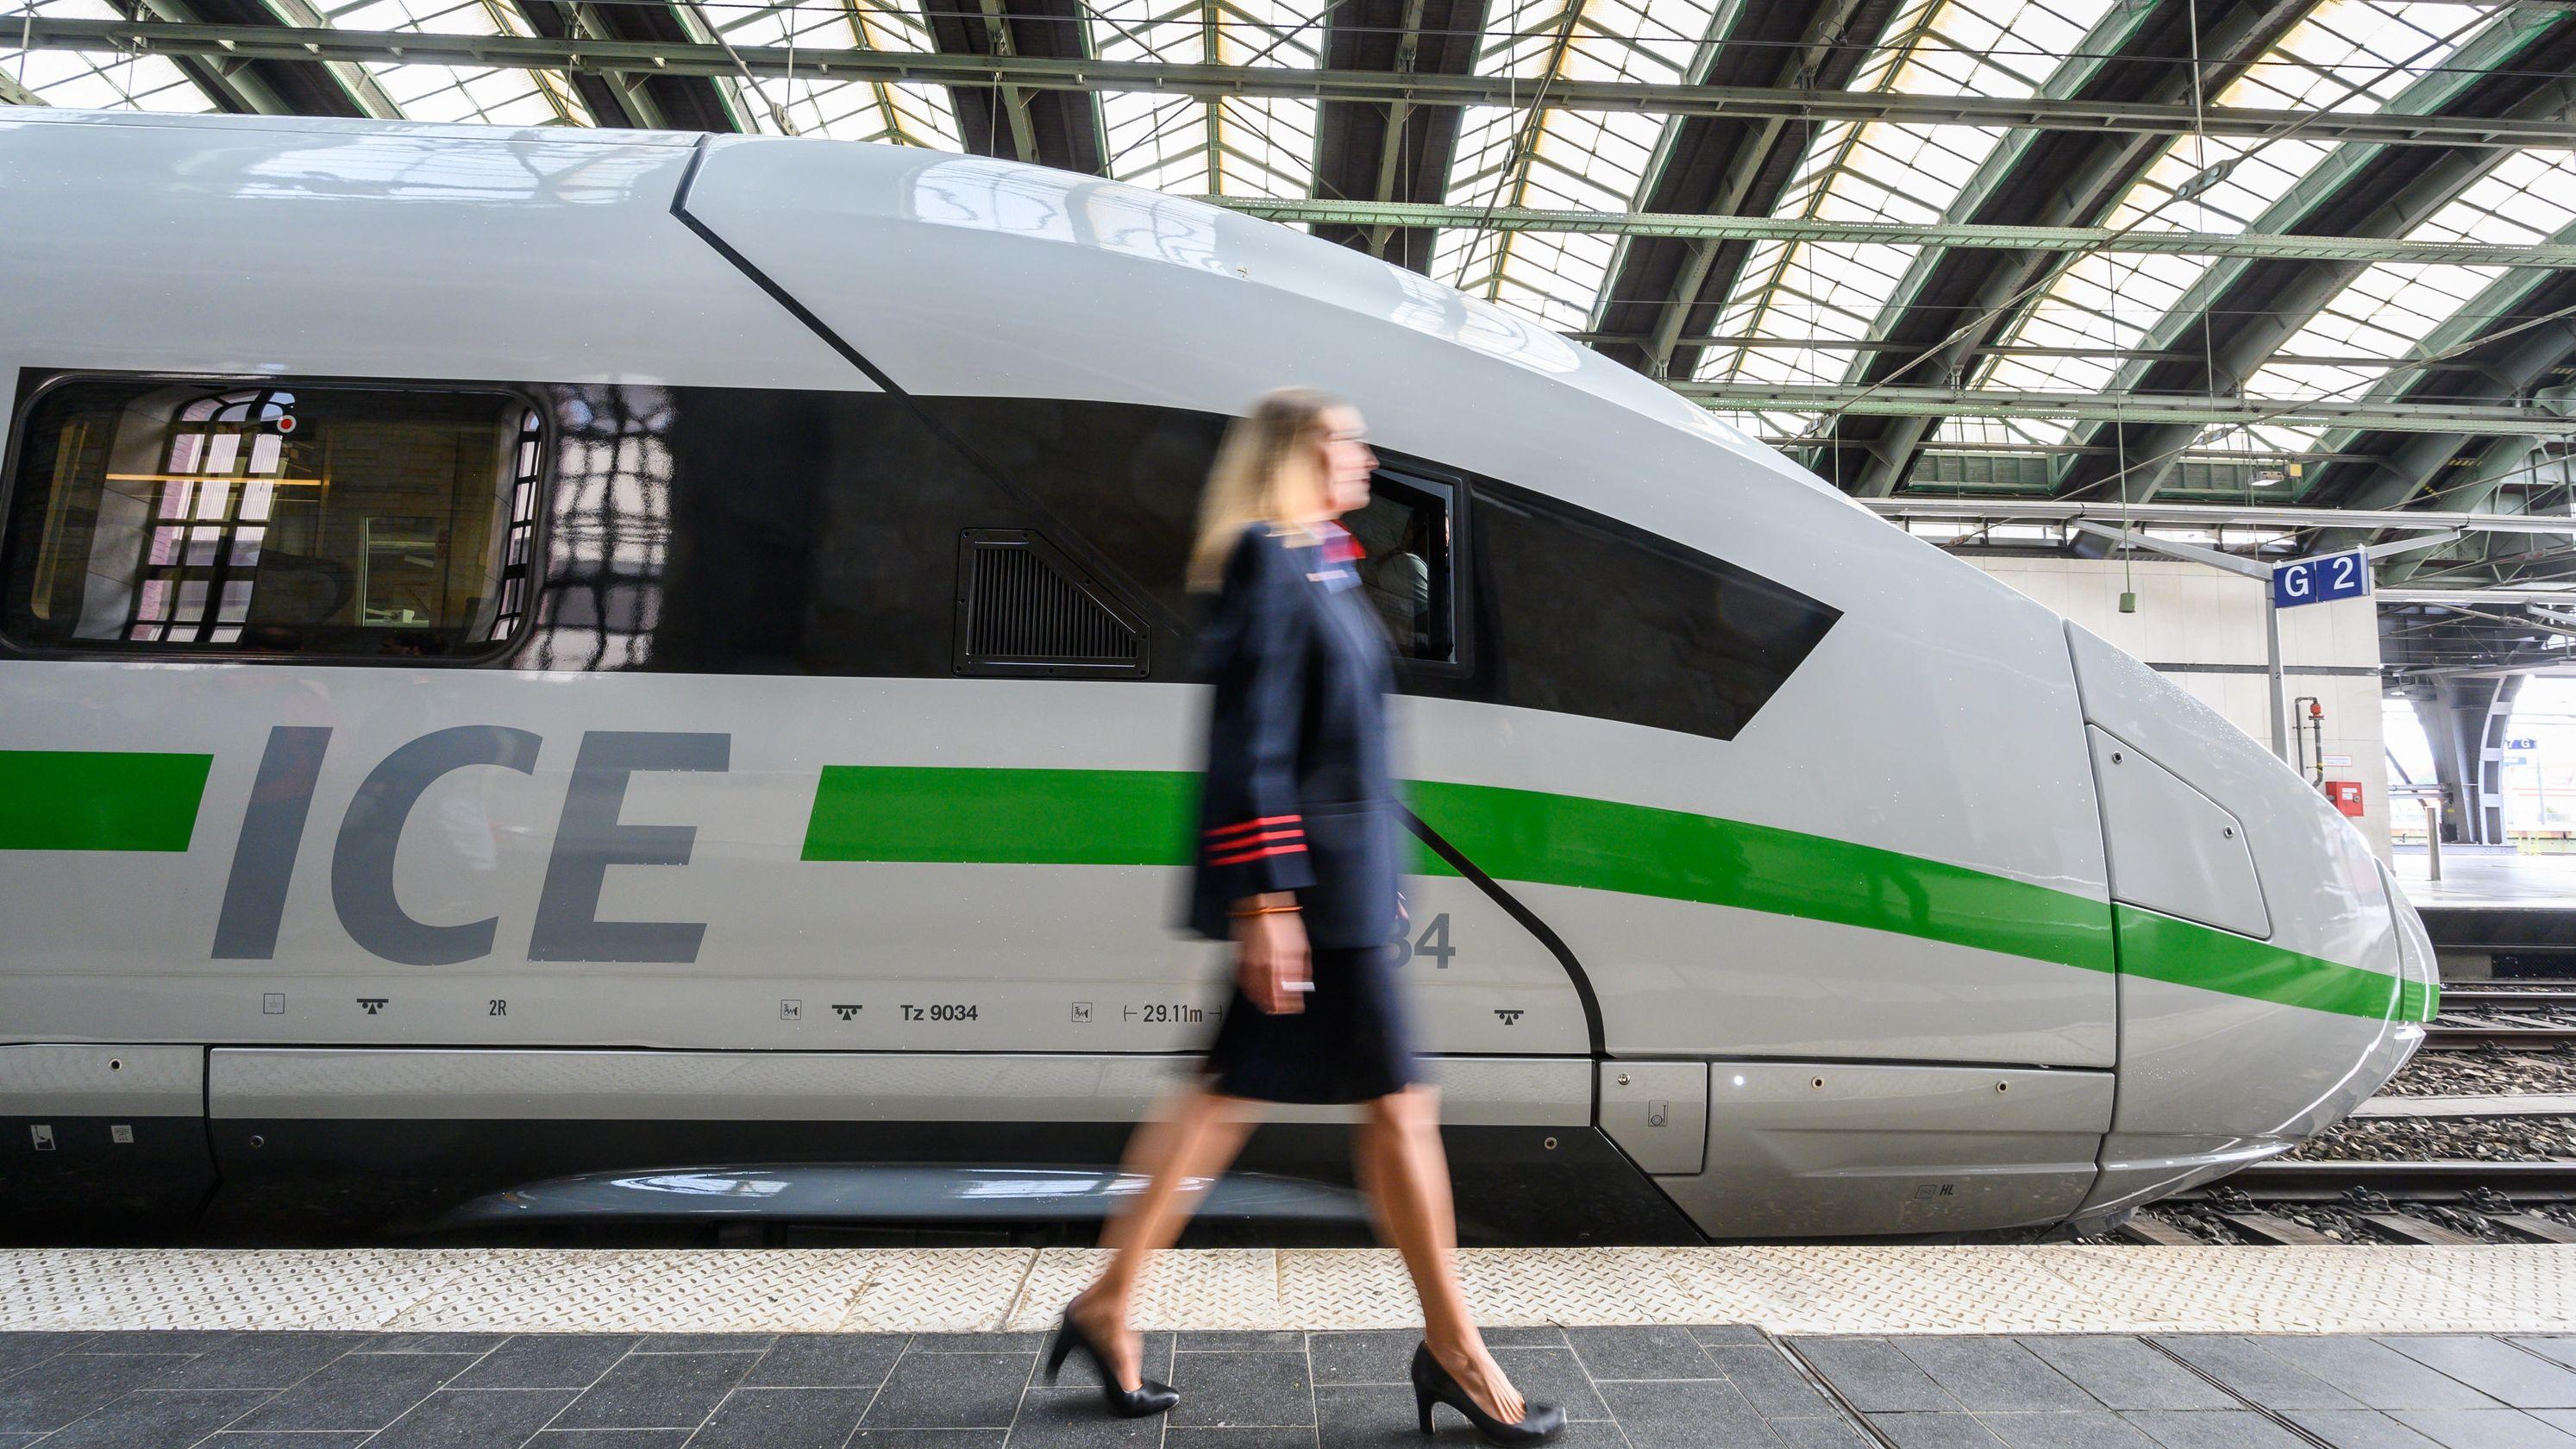 Mitarbeiterin der Deutschen Bahn vor ICE mit neuem Design